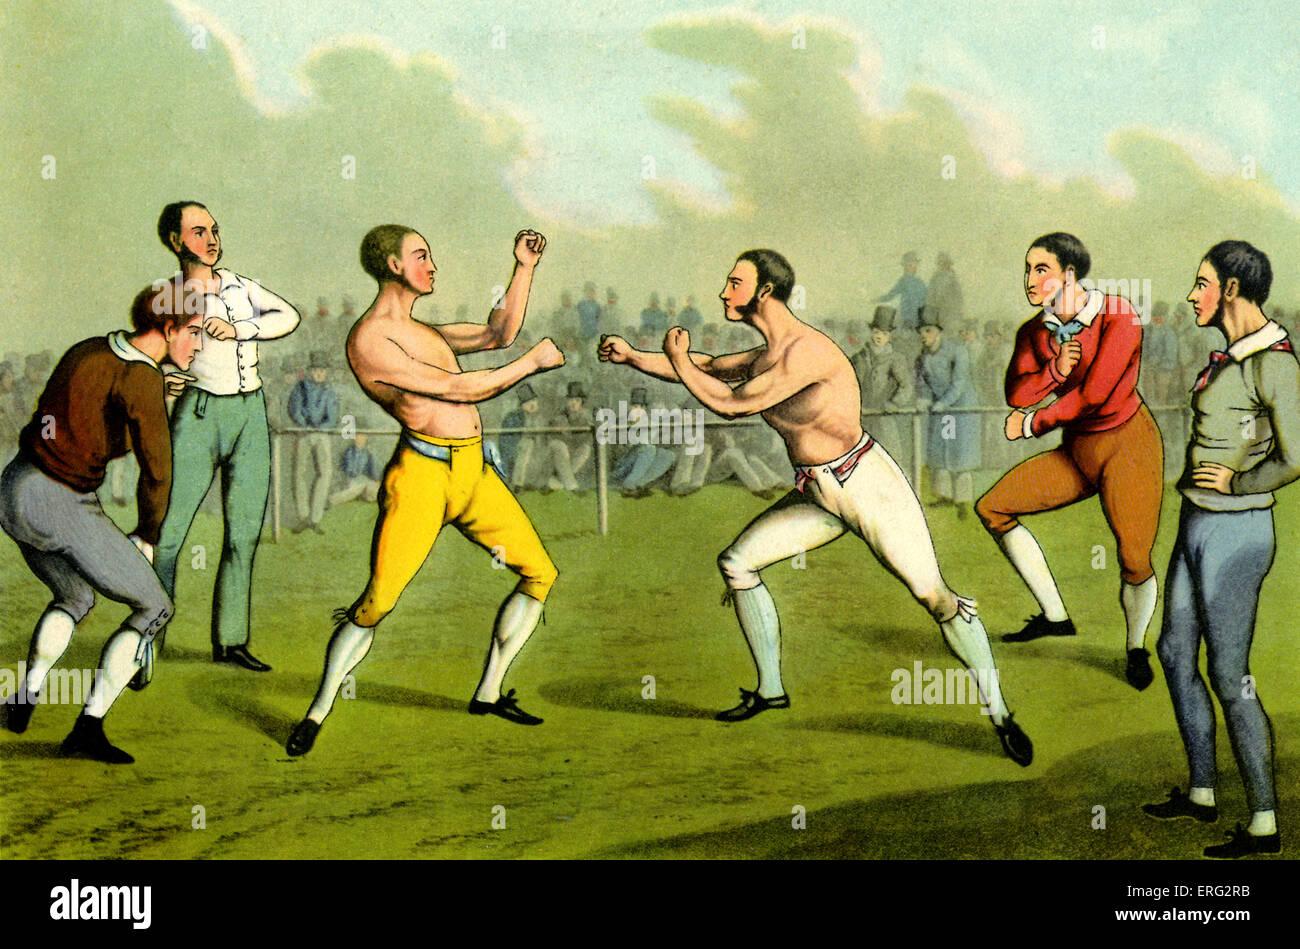 Bare Knuckle-boxe. Gravure par Henry Alken artiste britannique 12 octobre 1785 - 7 avril 1851. Photo Stock